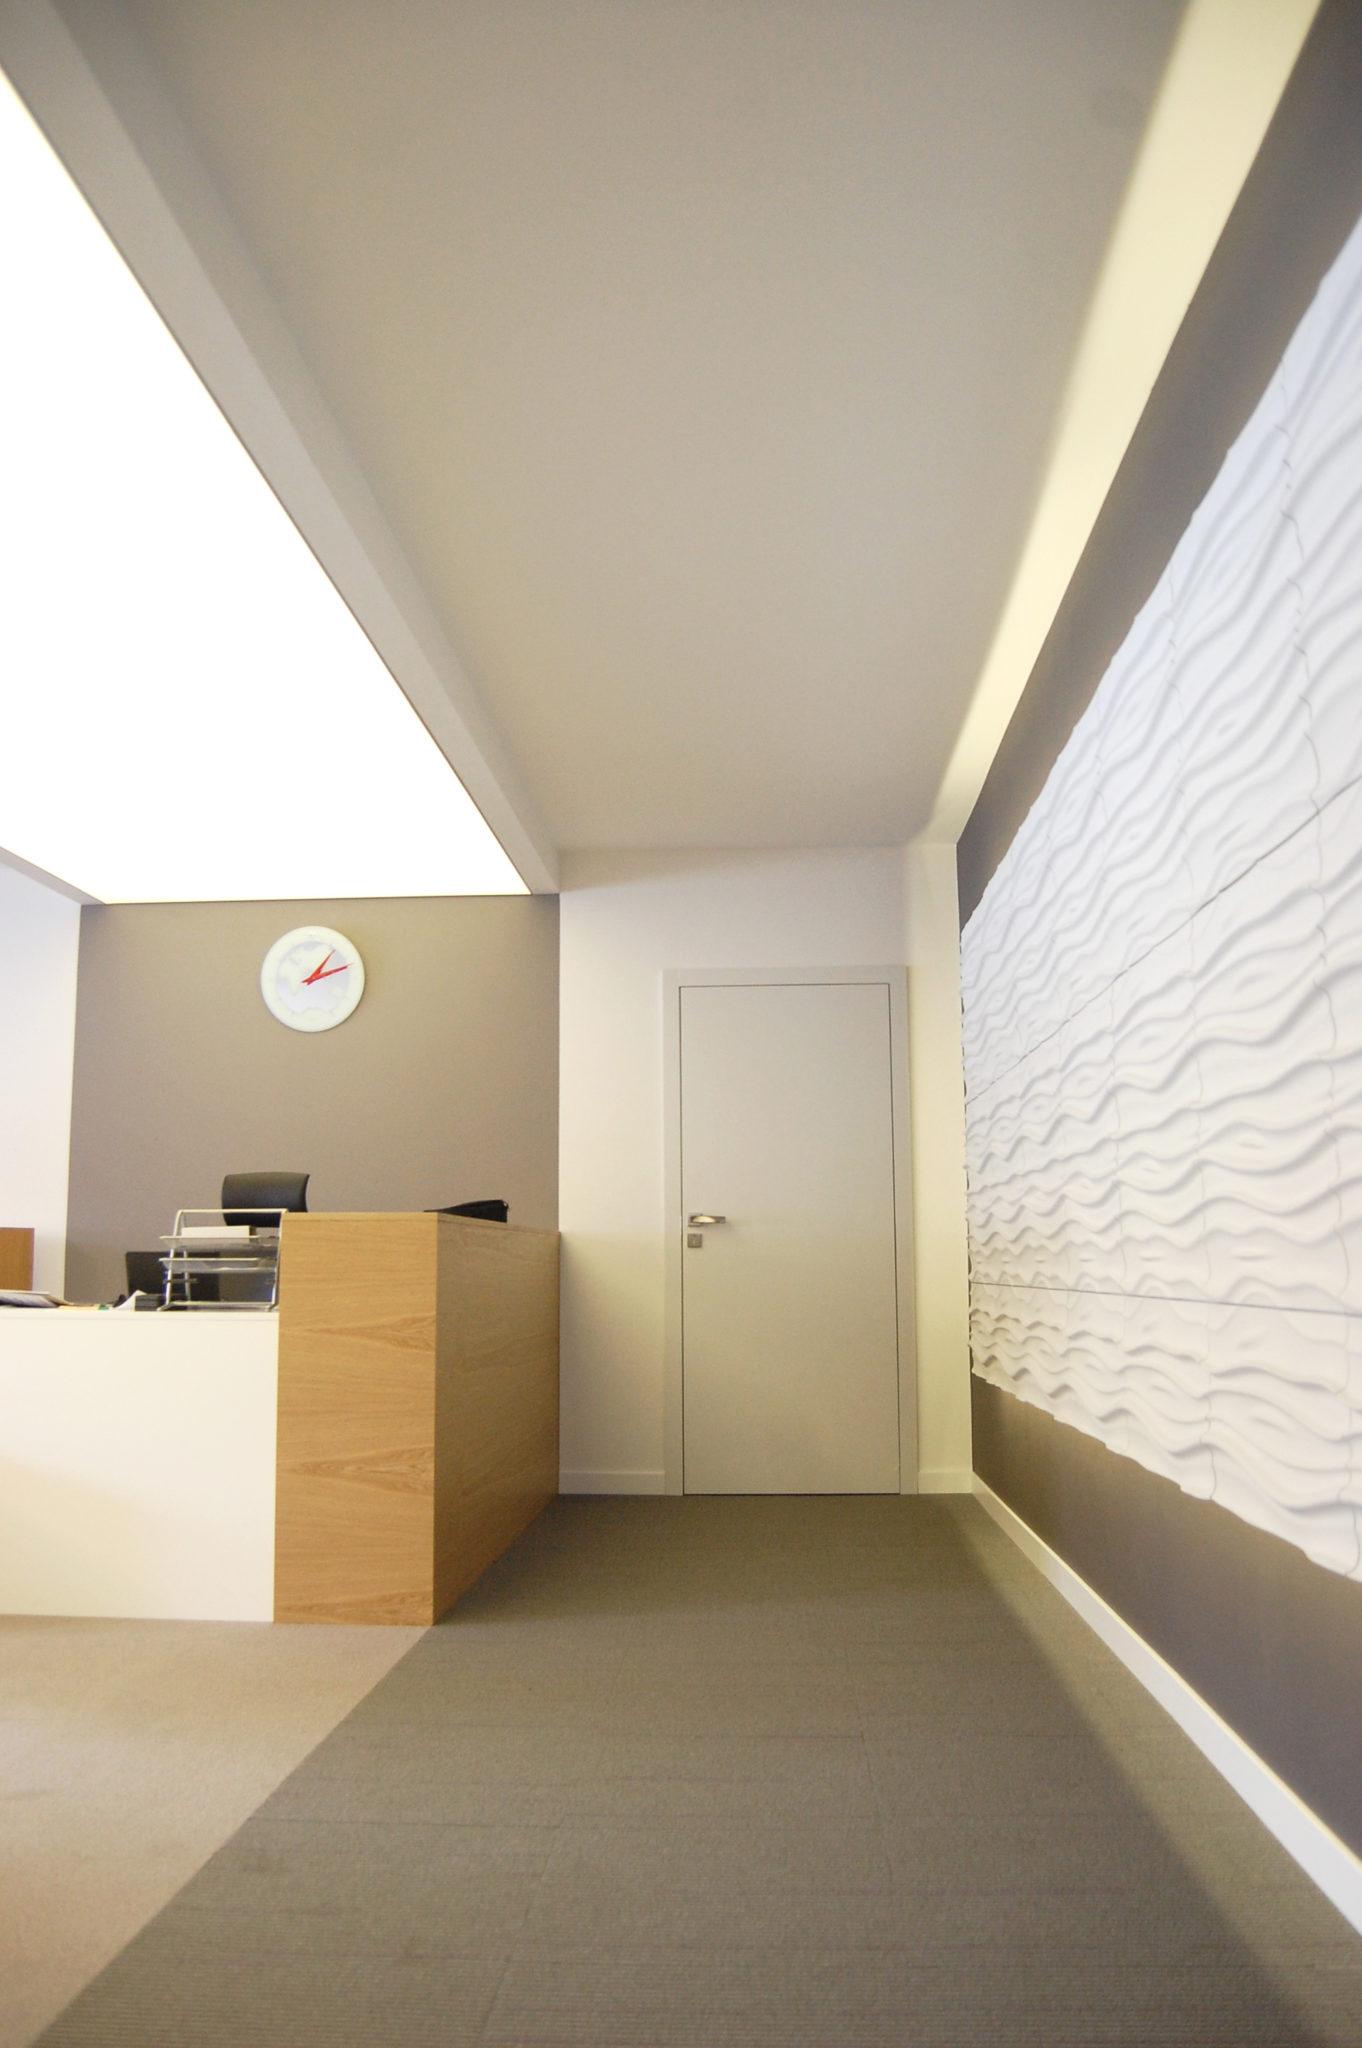 biuro Sopoliński, projekt wnętrz, architekt, koru, julia koczur, czerwony akcent, sufit napinany 01